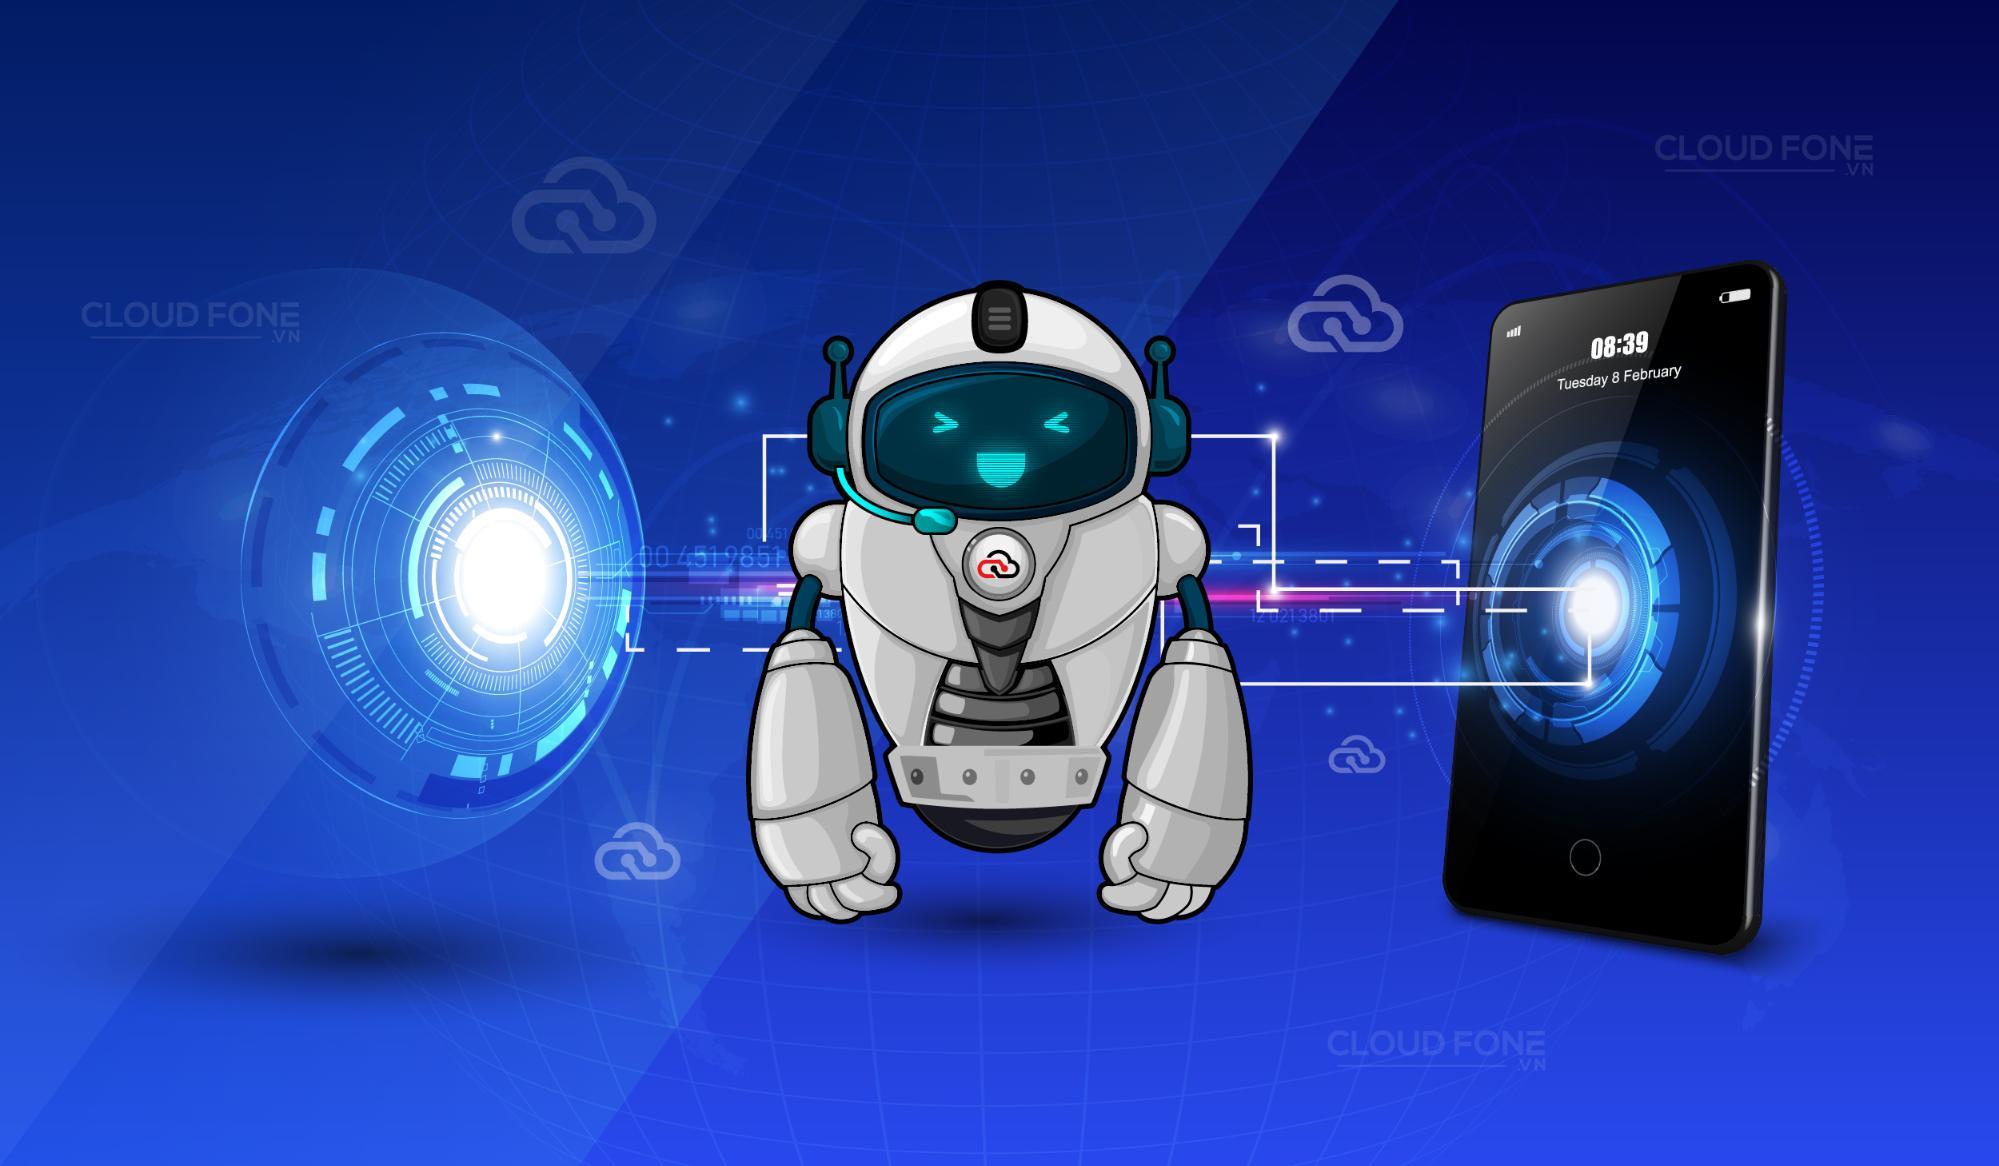 CloudFone - Hệ thống tổng đài ảo sẽ giúp nâng cao trải nghiệm người dùng